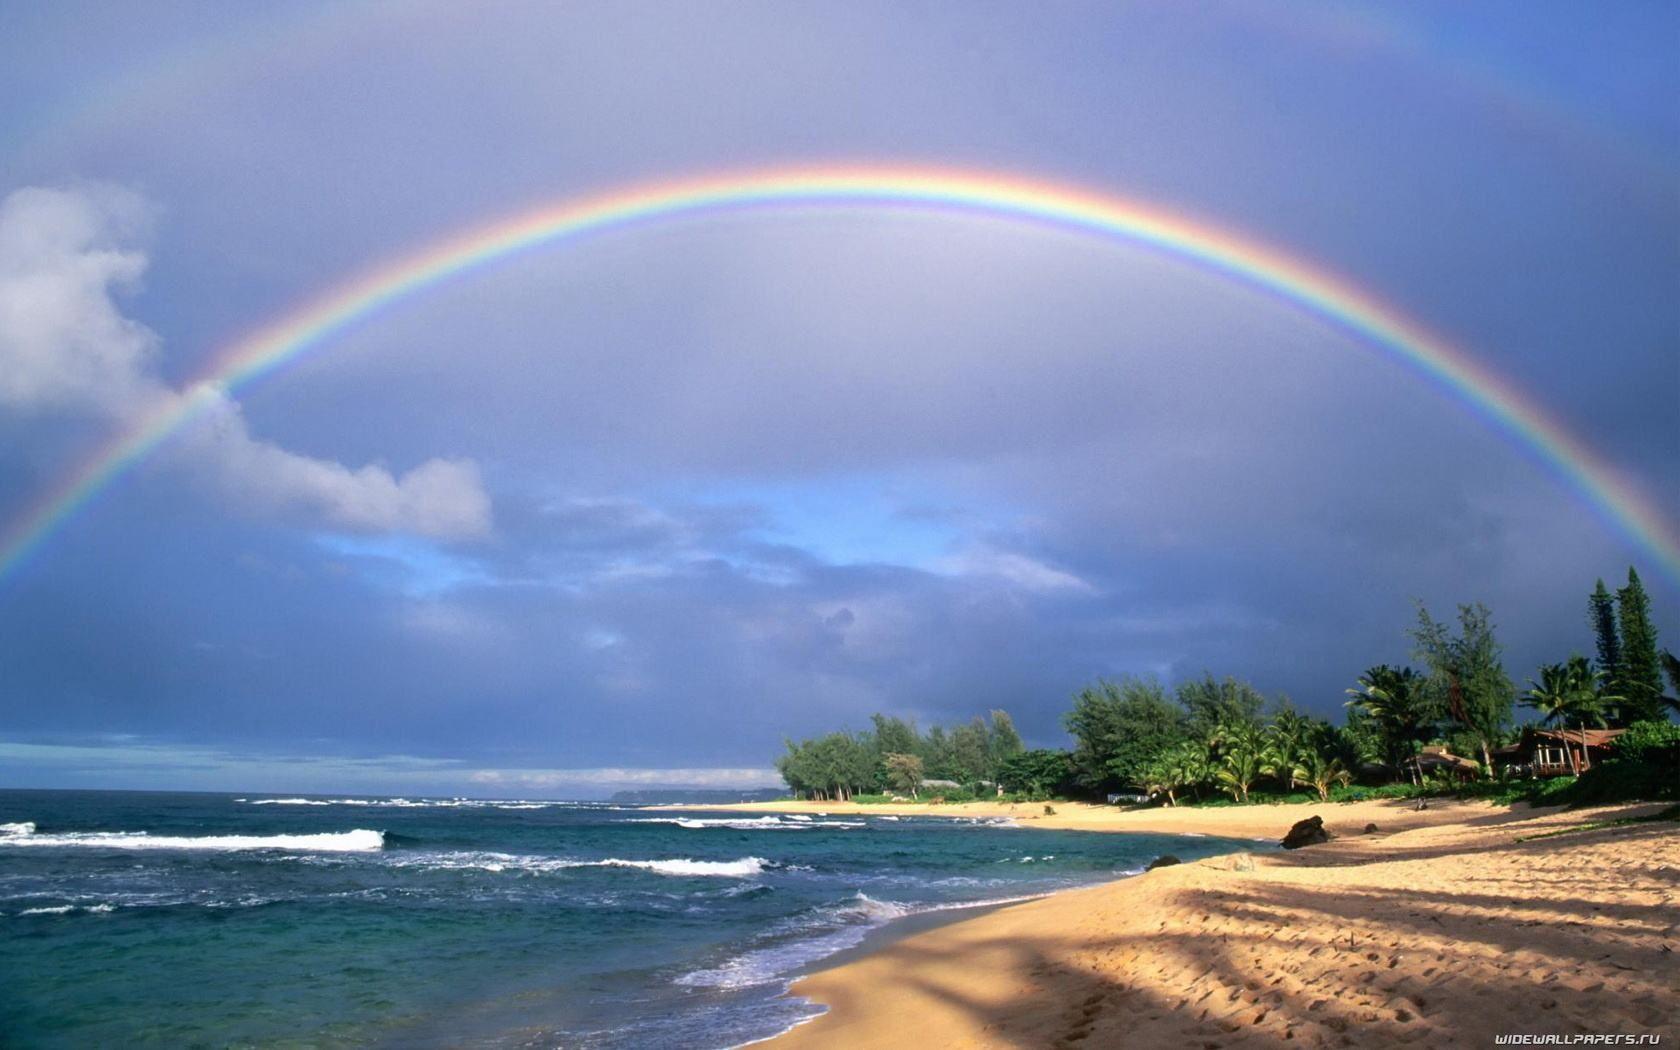 красивые фото радуги на рабочий традиционно